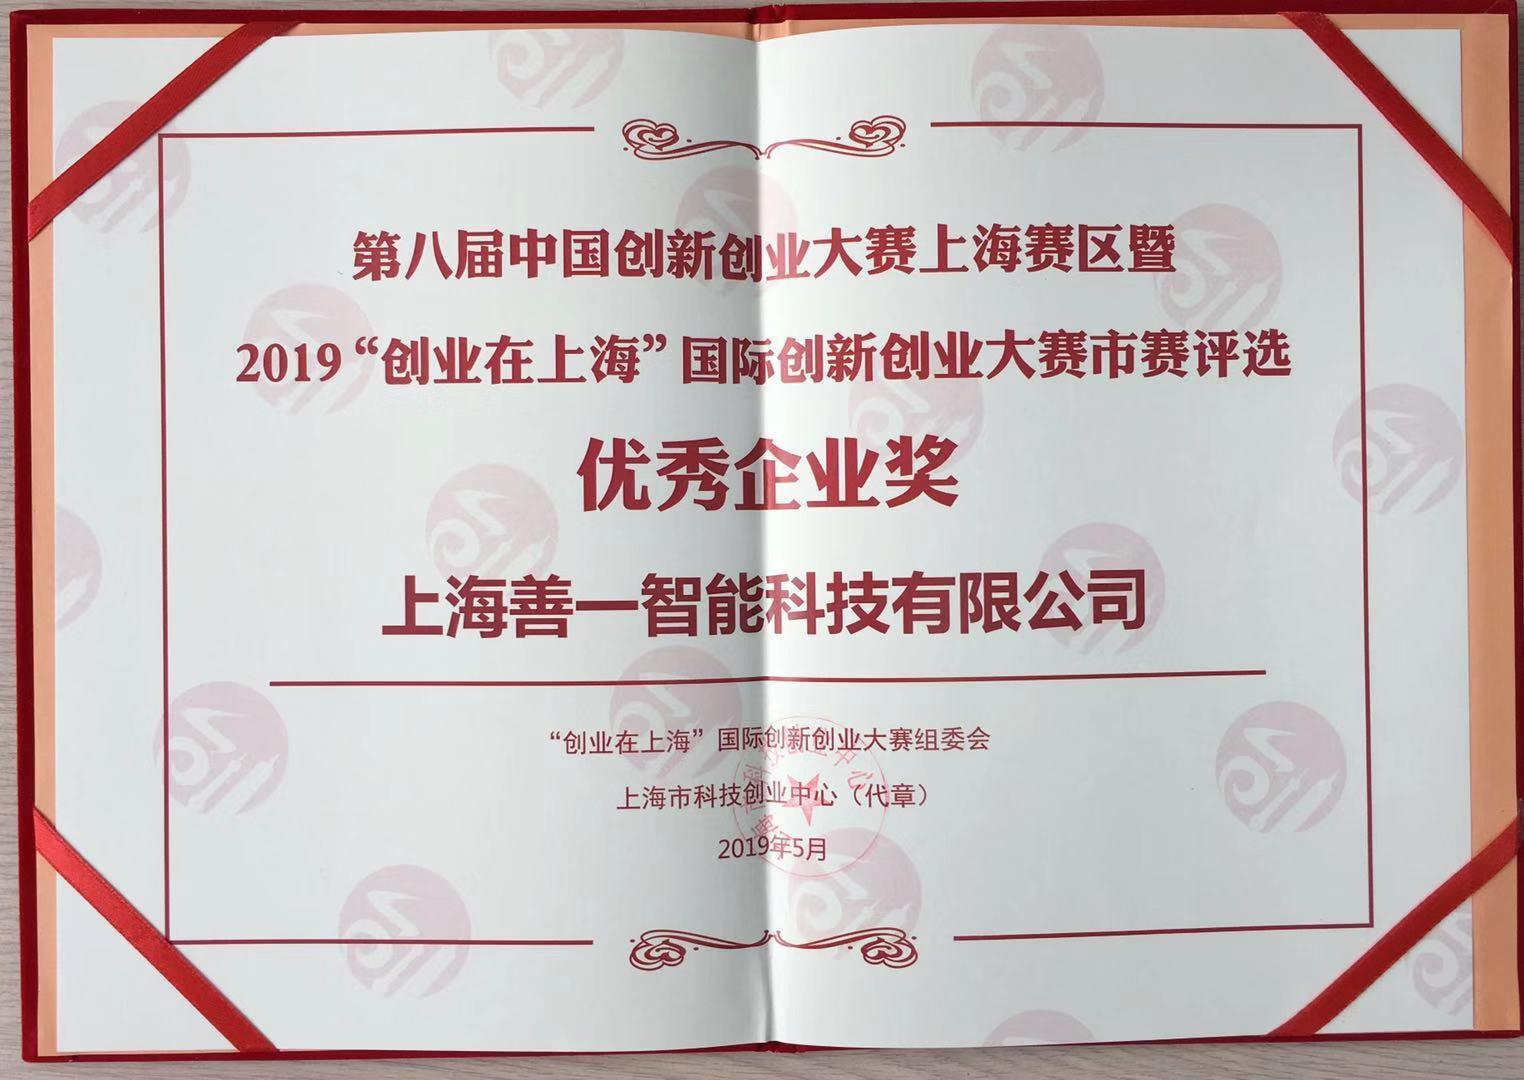 上海fun88官网获得优秀企业奖